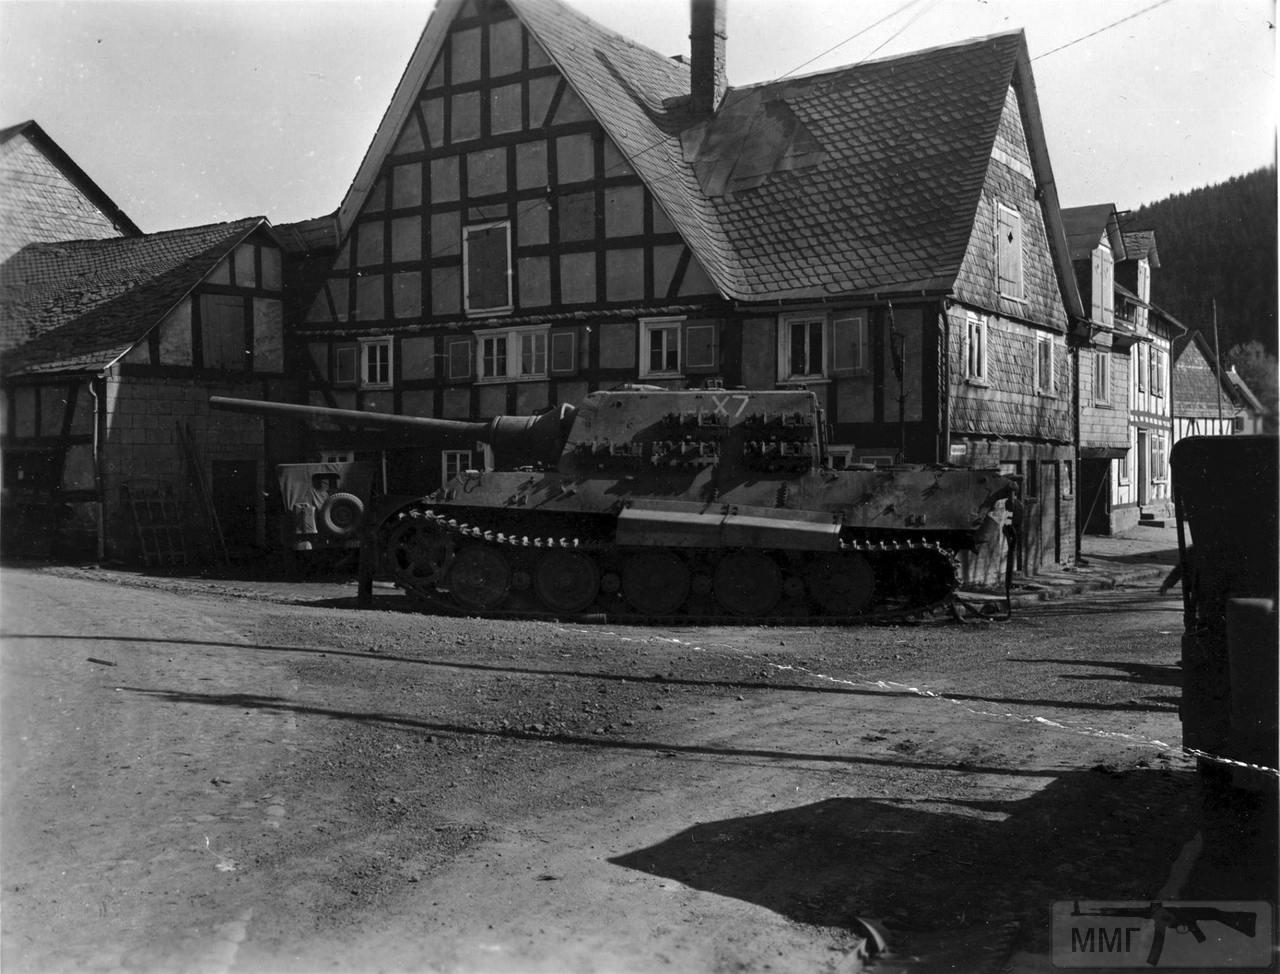 86396 - Achtung Panzer!